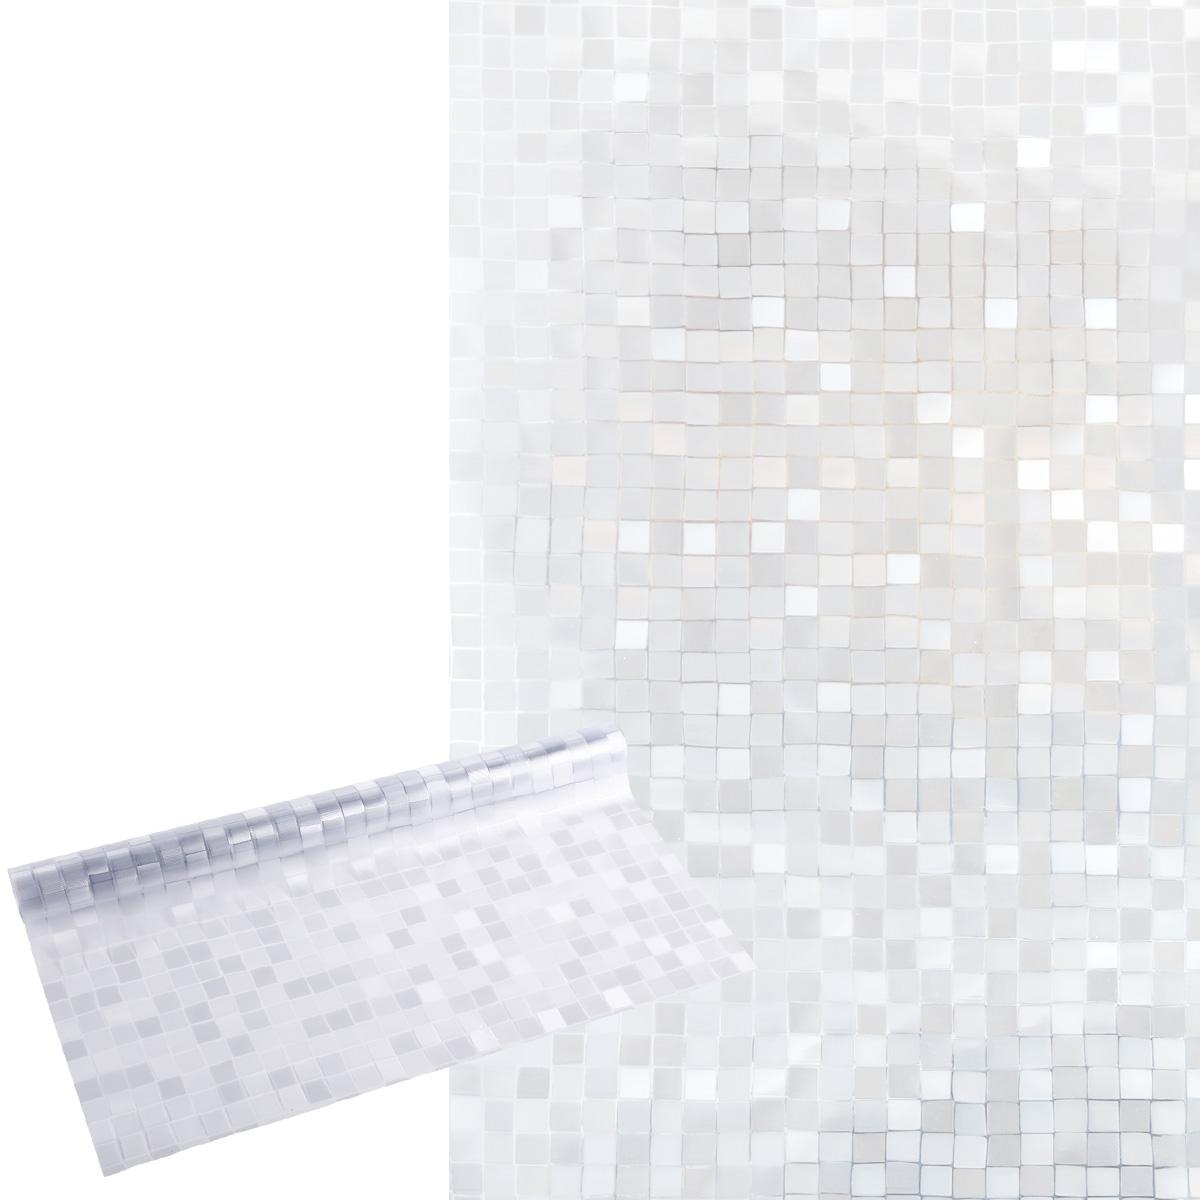 Full Size of Klebefolie Für Fenster Mosaik Fensterfolie Sichtschutz 45x200cm Sonnenschutz Innen Spiegelschränke Fürs Bad Garten Aluminium Online Konfigurator Vinyl Fenster Klebefolie Für Fenster